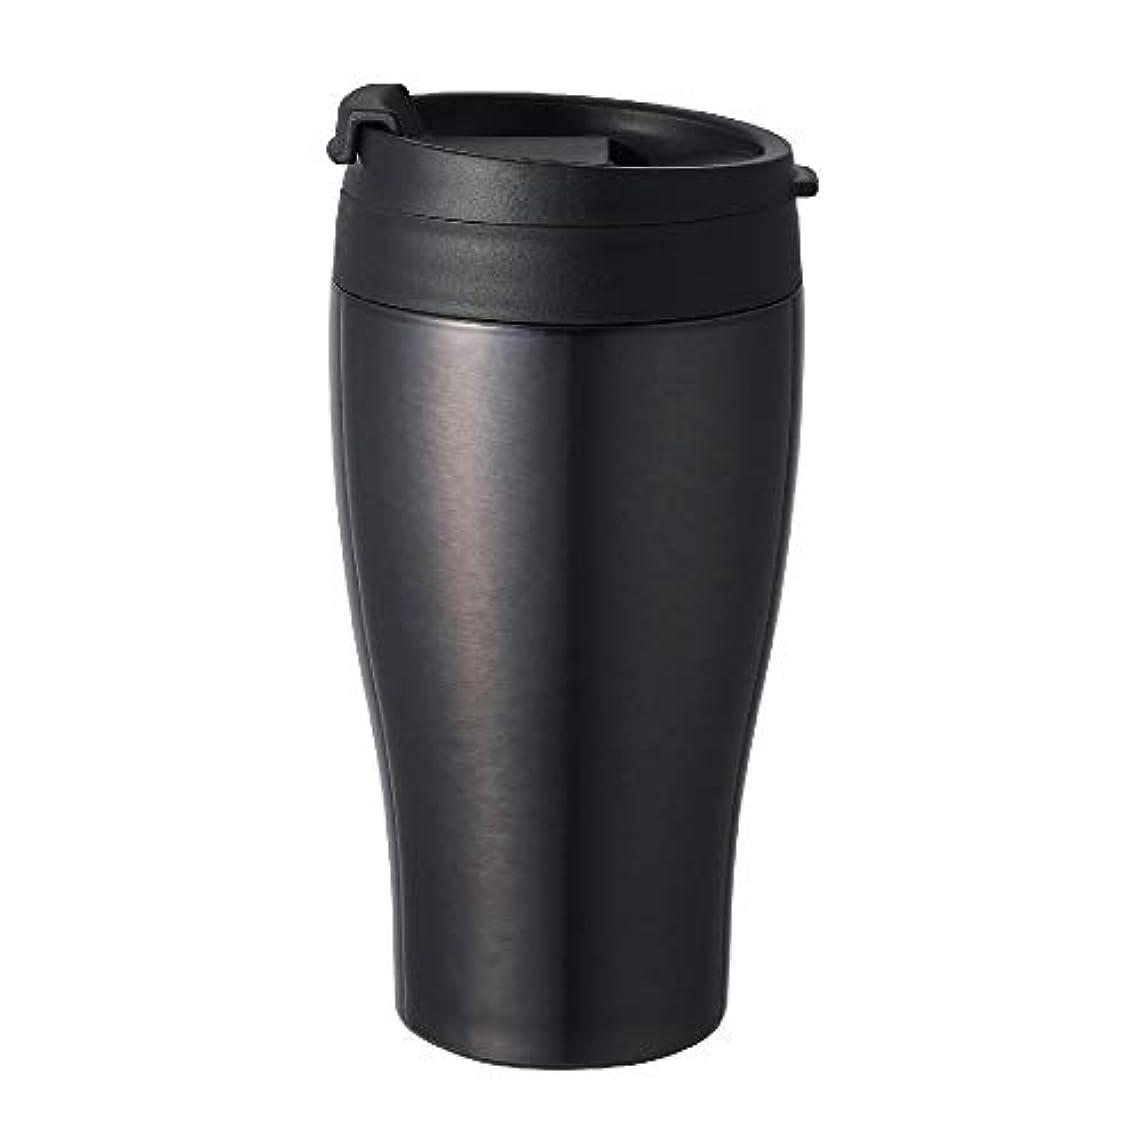 不十分な効率的にエスカレートドウシシャ タンブラー ふた付き コンビニマグ ダイレクトタイプ 真空断熱 直接ドリップ 0.36L ブラック CBCT400BK